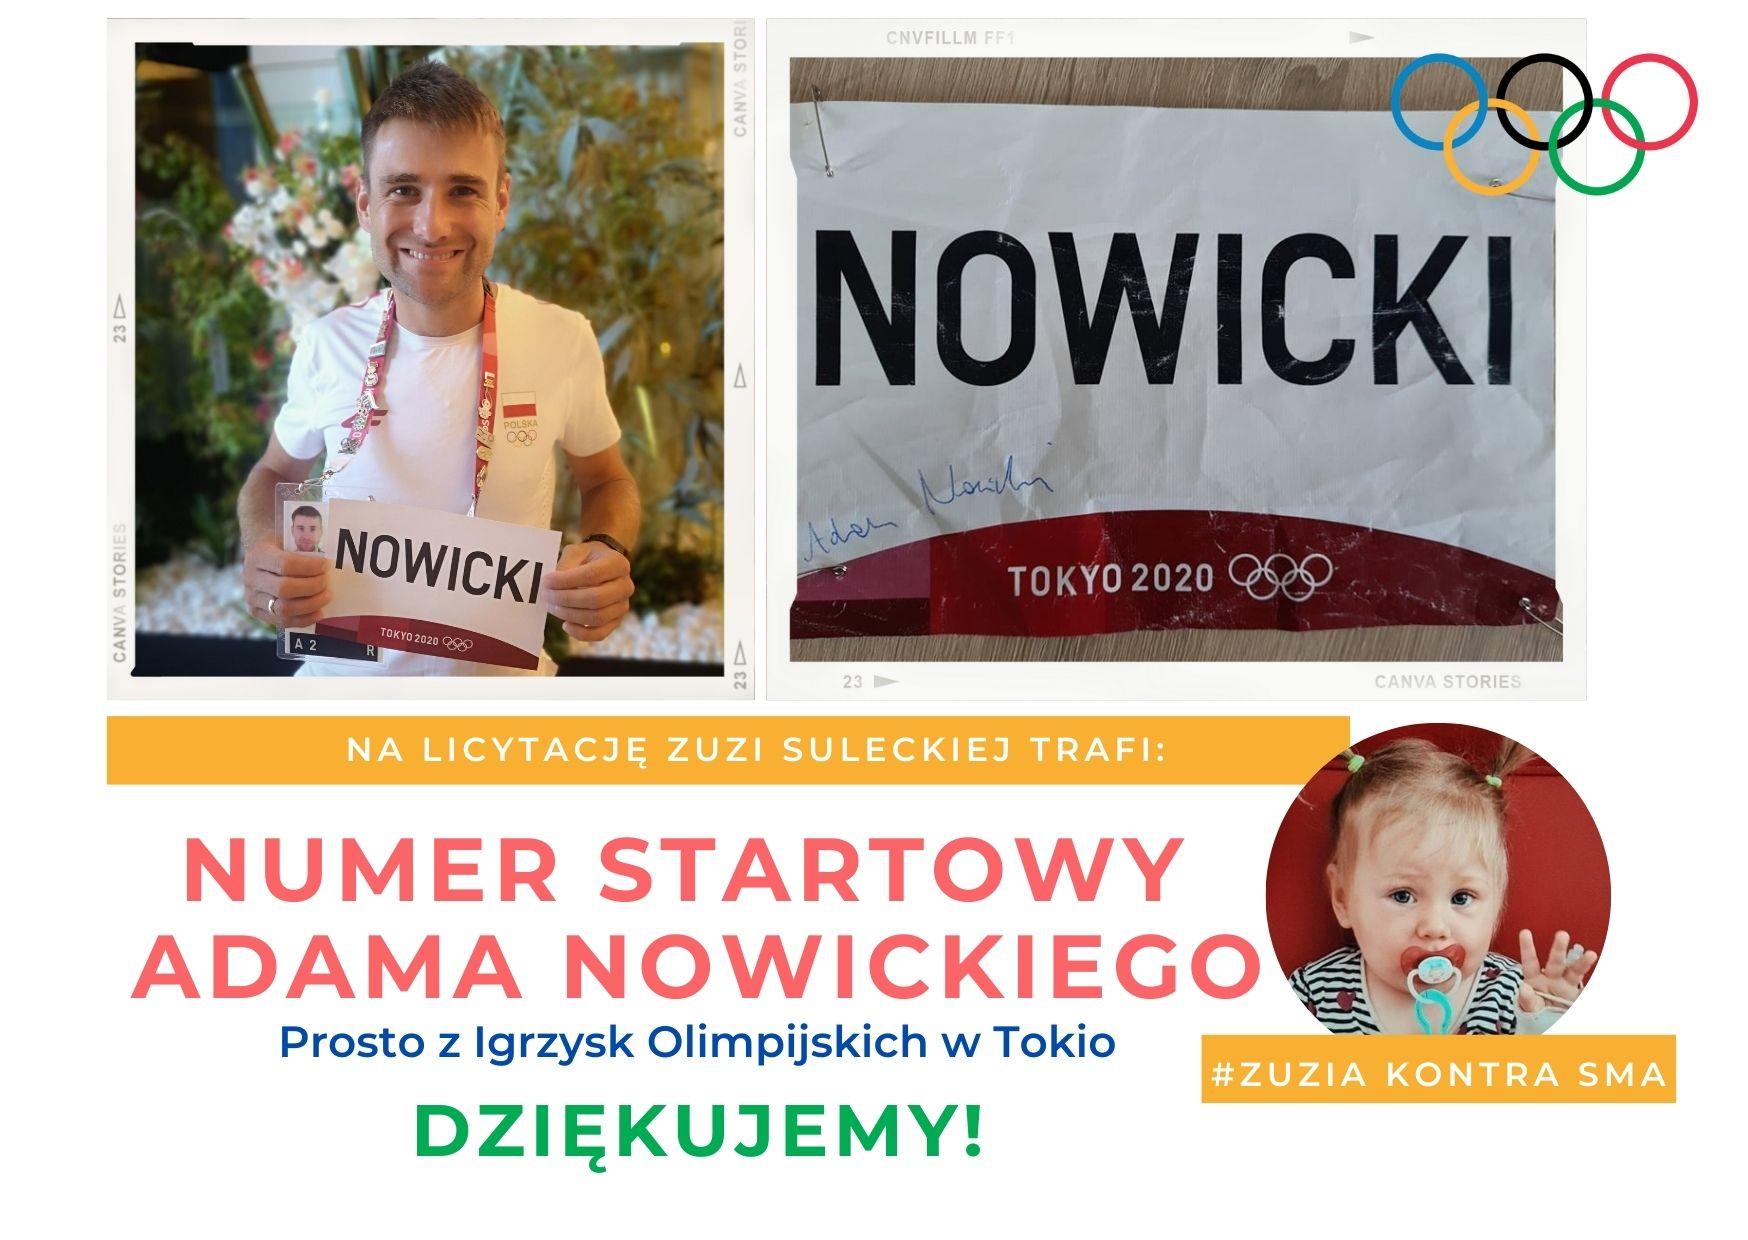 Adam Nowicki przekazał swój numer startowy z Igrzysk Olimpijskich w Tokio na licytację dla Zuzi Suleckiej - Zdjęcie główne